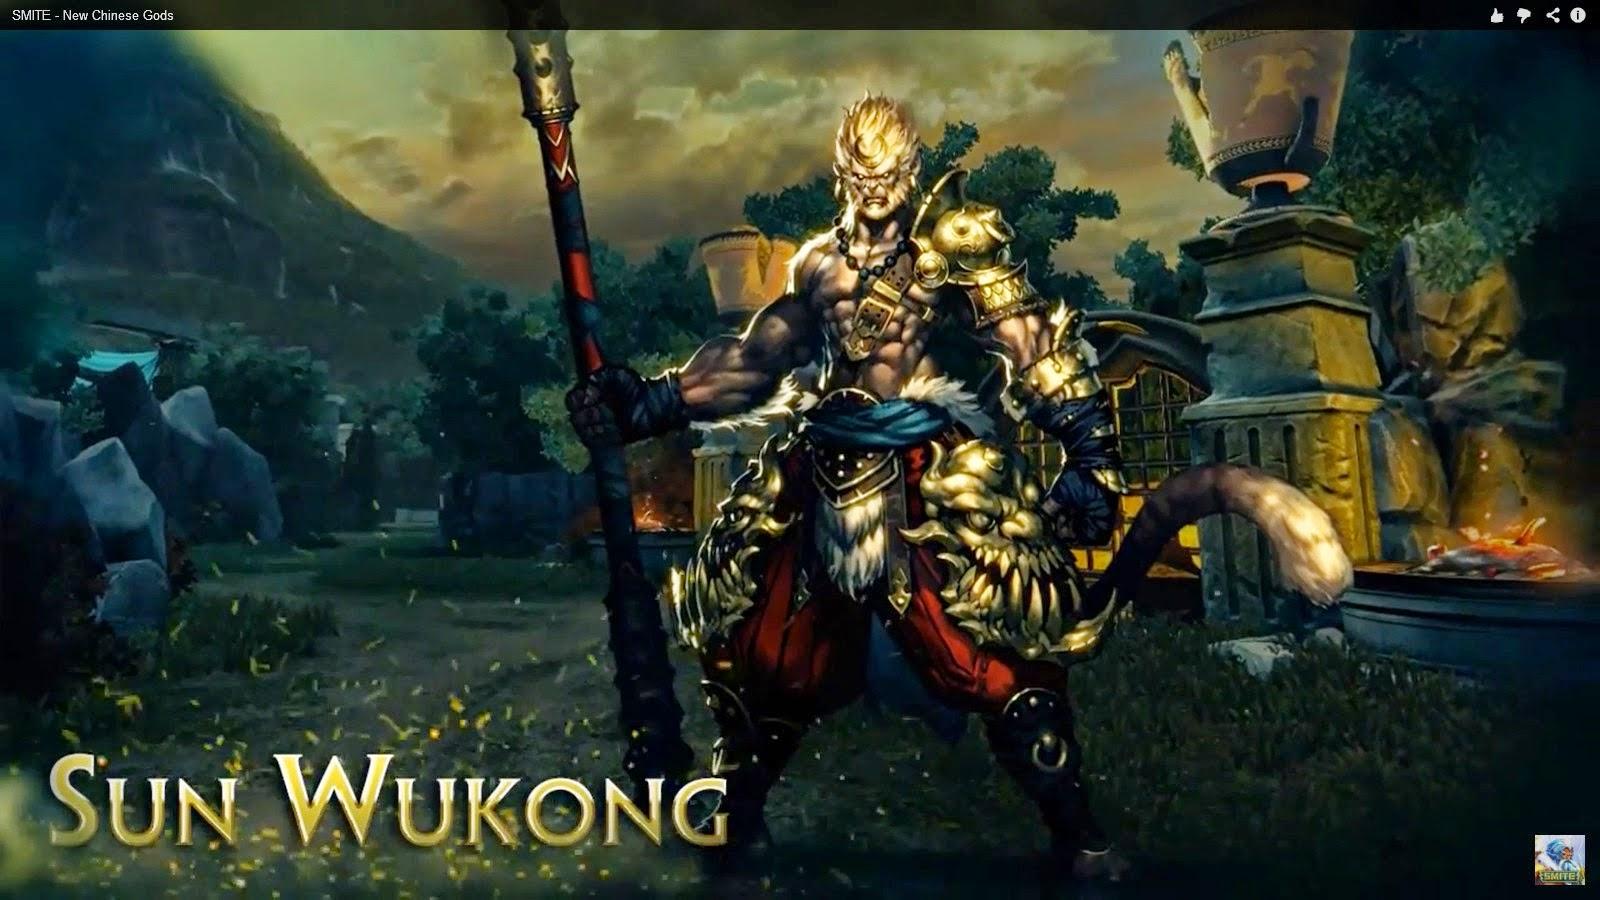 Tải Ảnh Ngộ Không Wukong LOL đẹp làm ảnh nền ảnh bìa